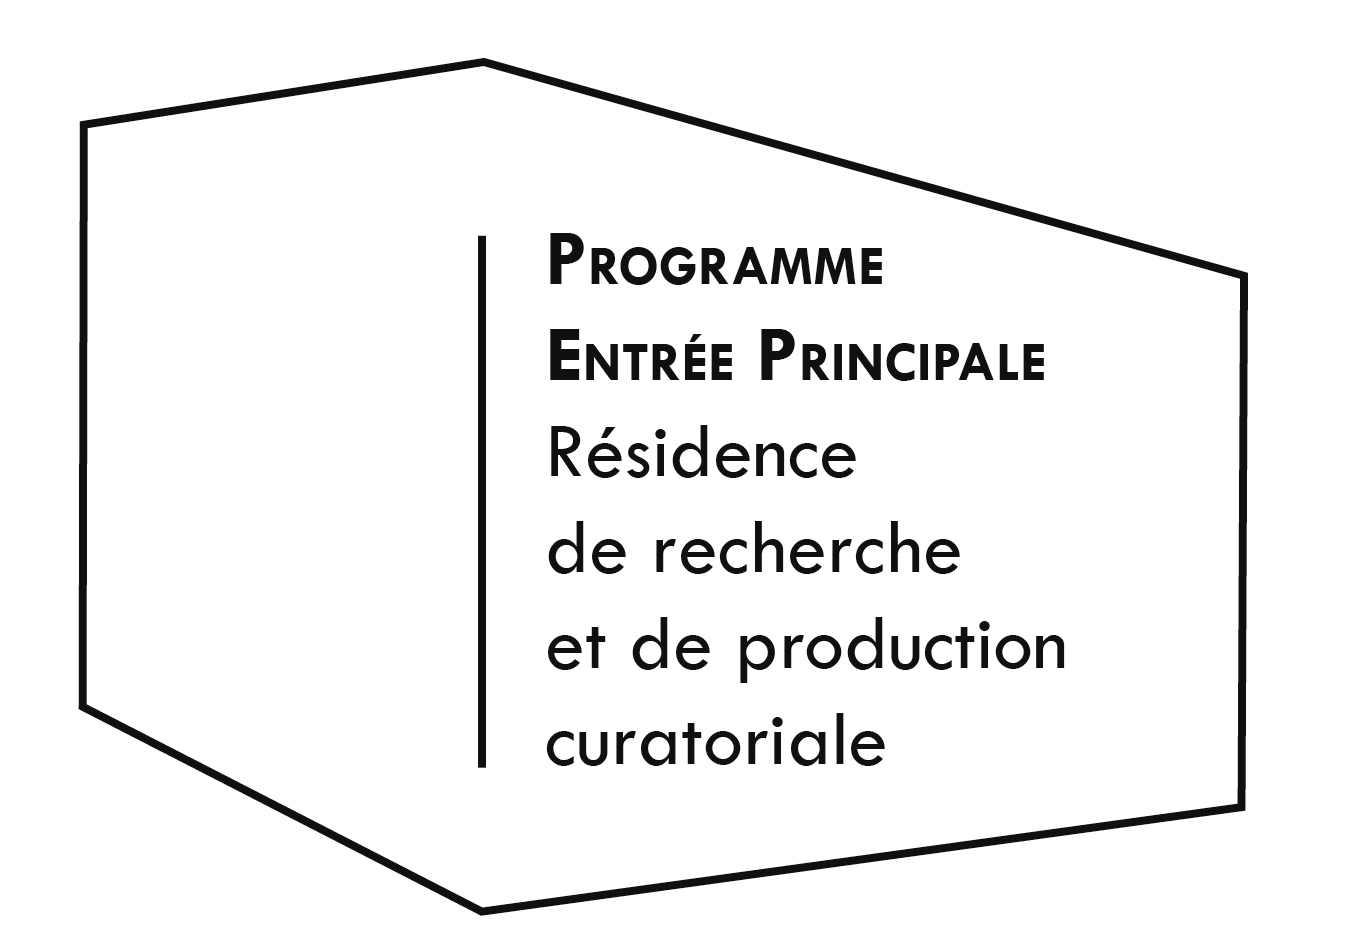 logoEP2013